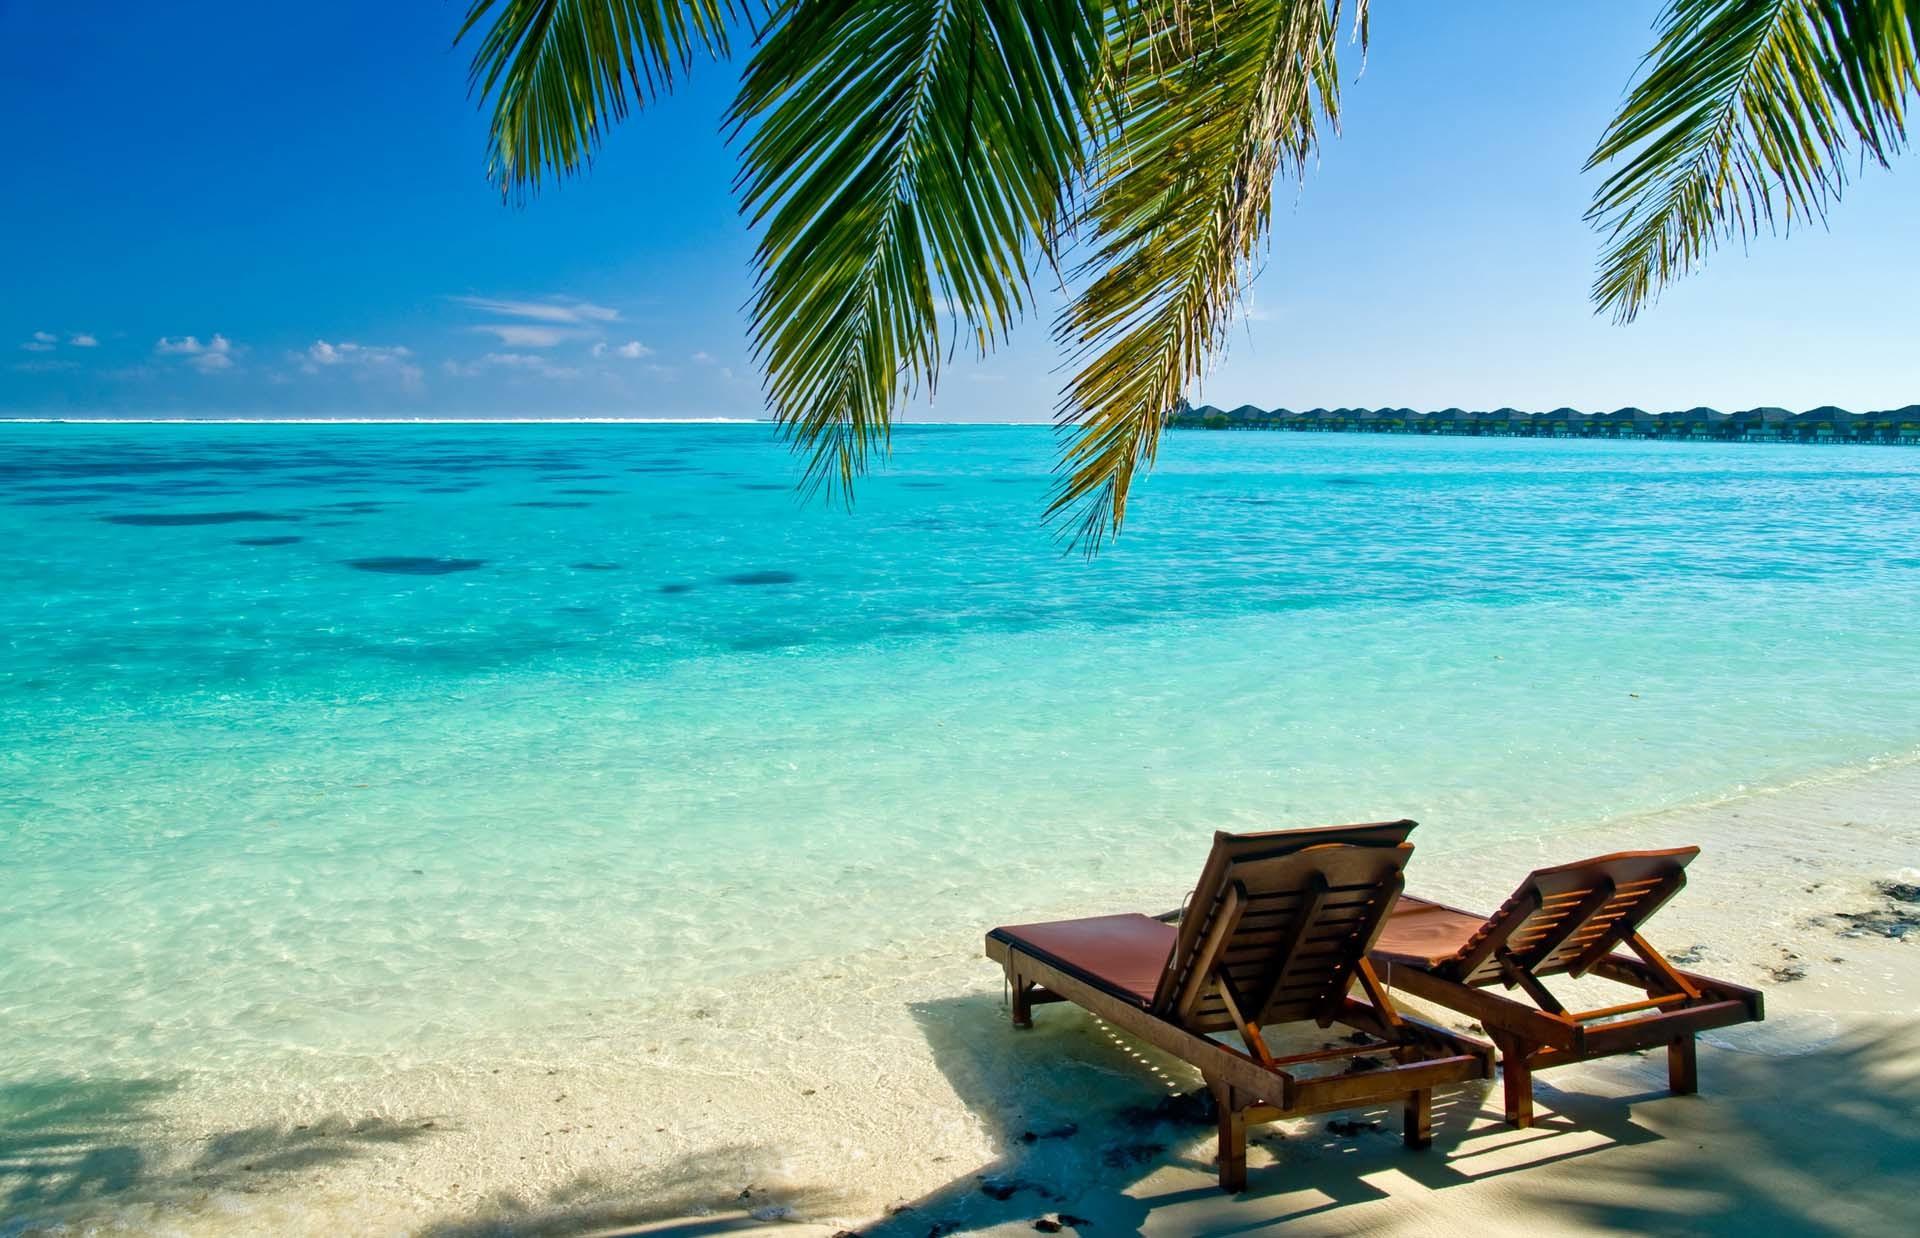 Summer Beach Wallpaper Desktop